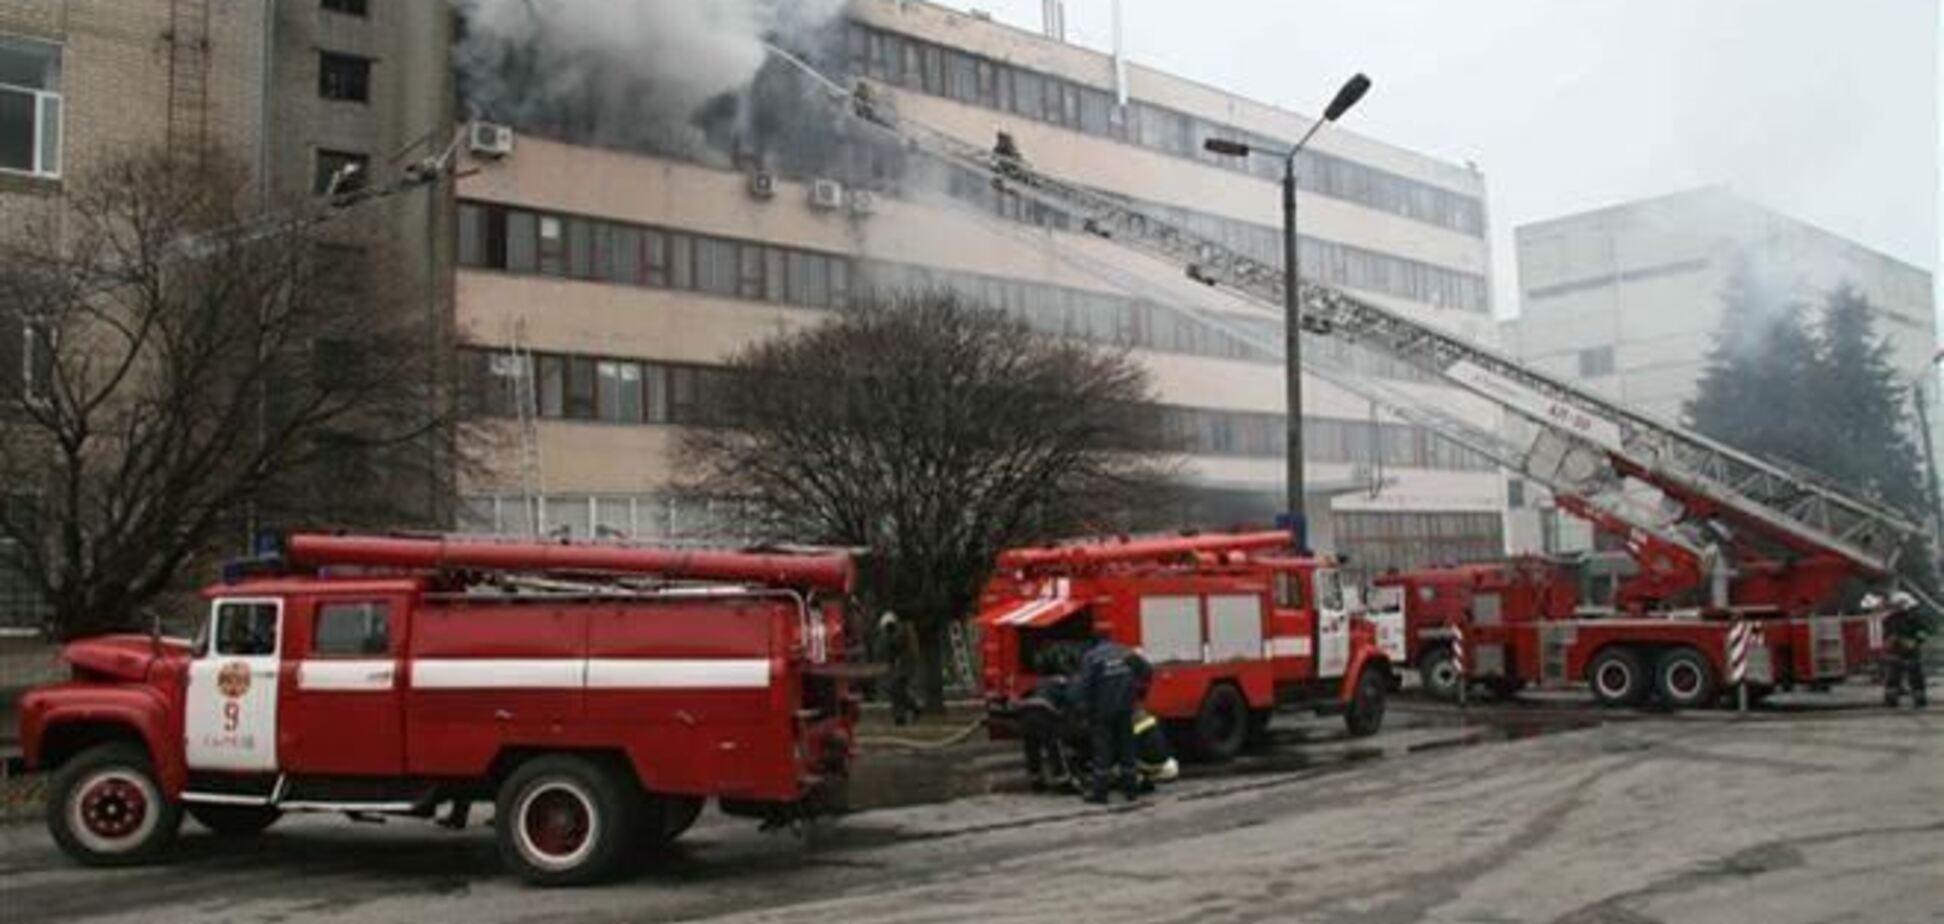 Стан постраждалих в результаті пожежі на заводі в Харкові покращився